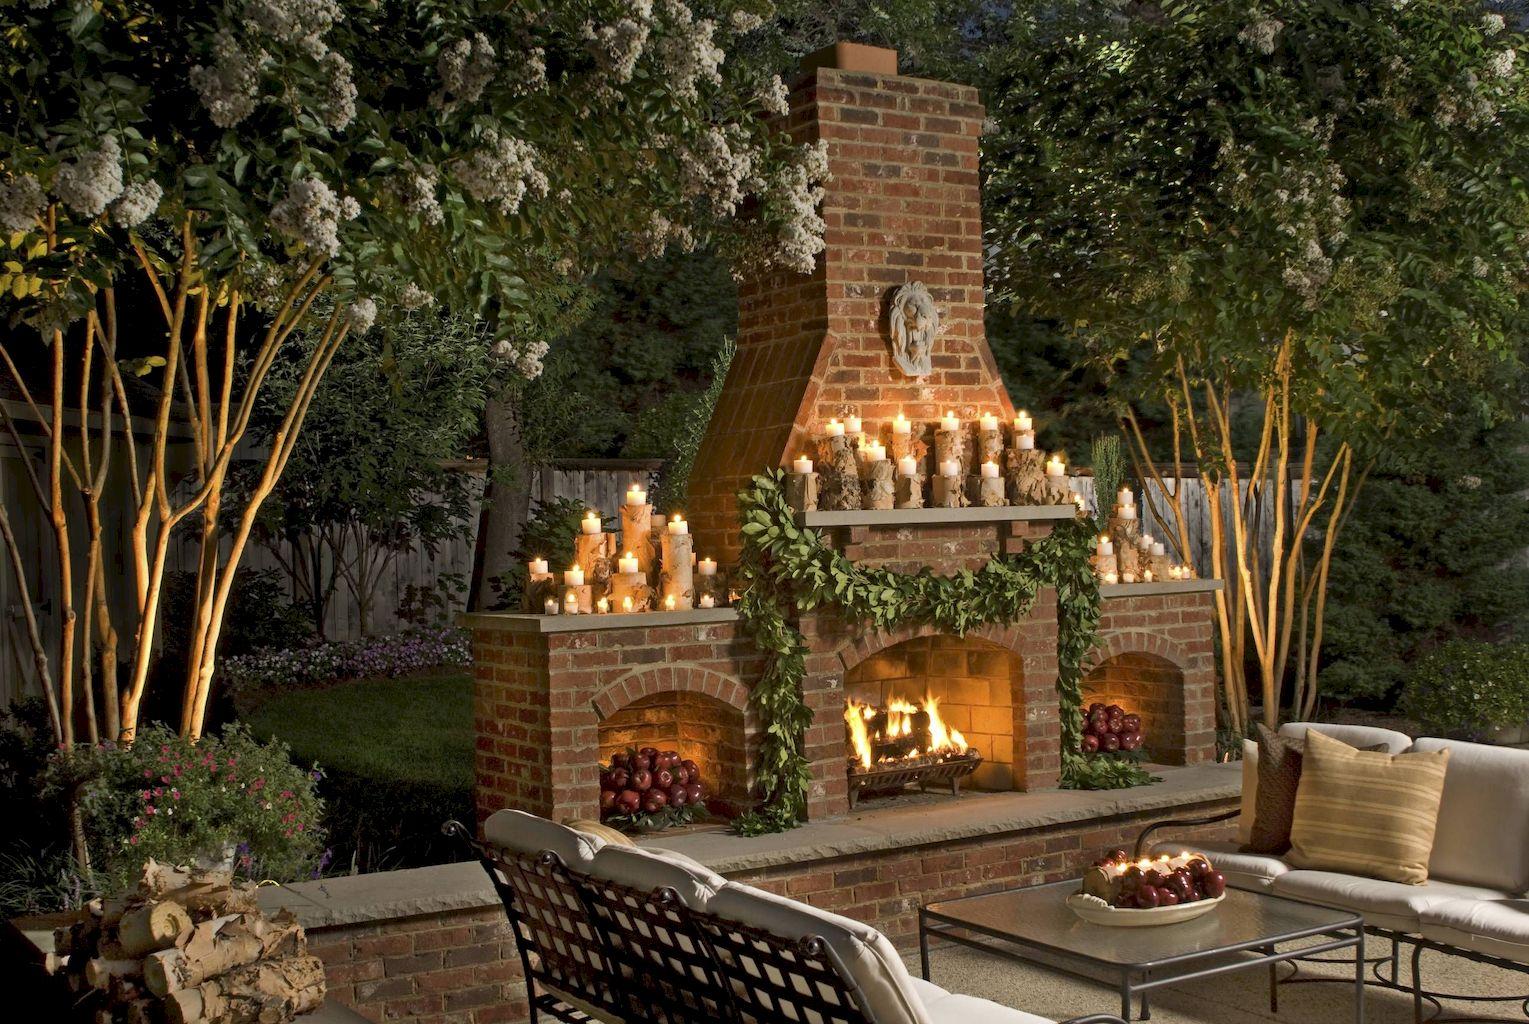 Backyard Fireplace163